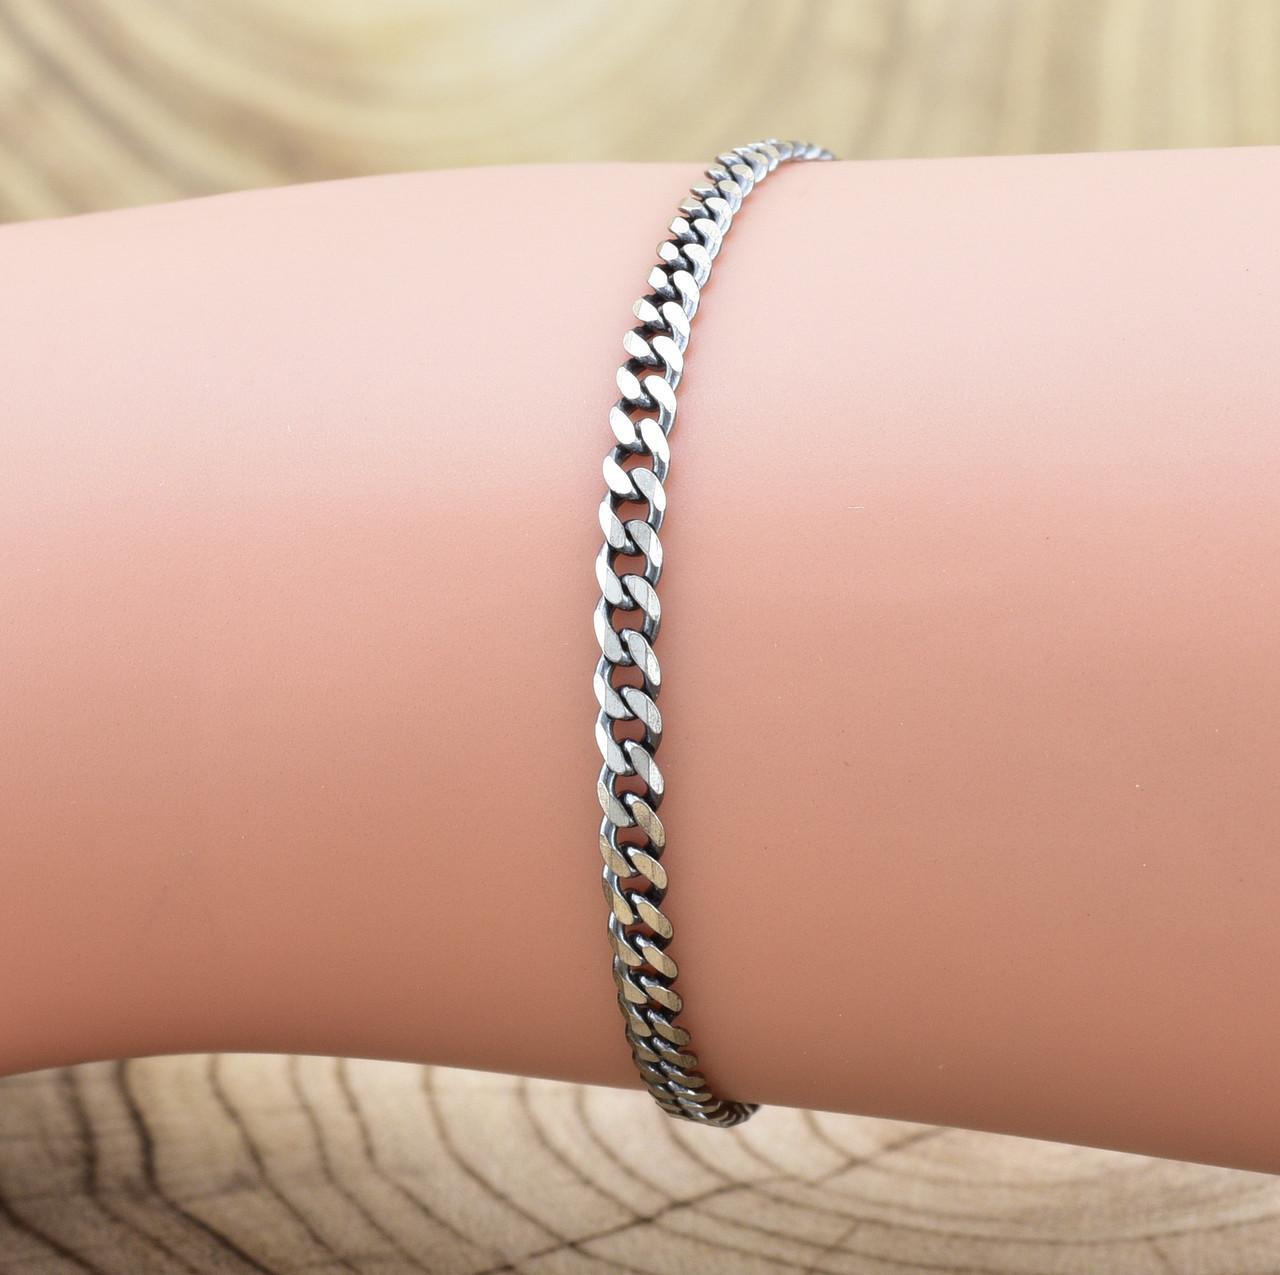 Серебряный браслет с чернением Панцирный скруглённый длина 17 см ширина 3 мм вес серебра 2.2 г